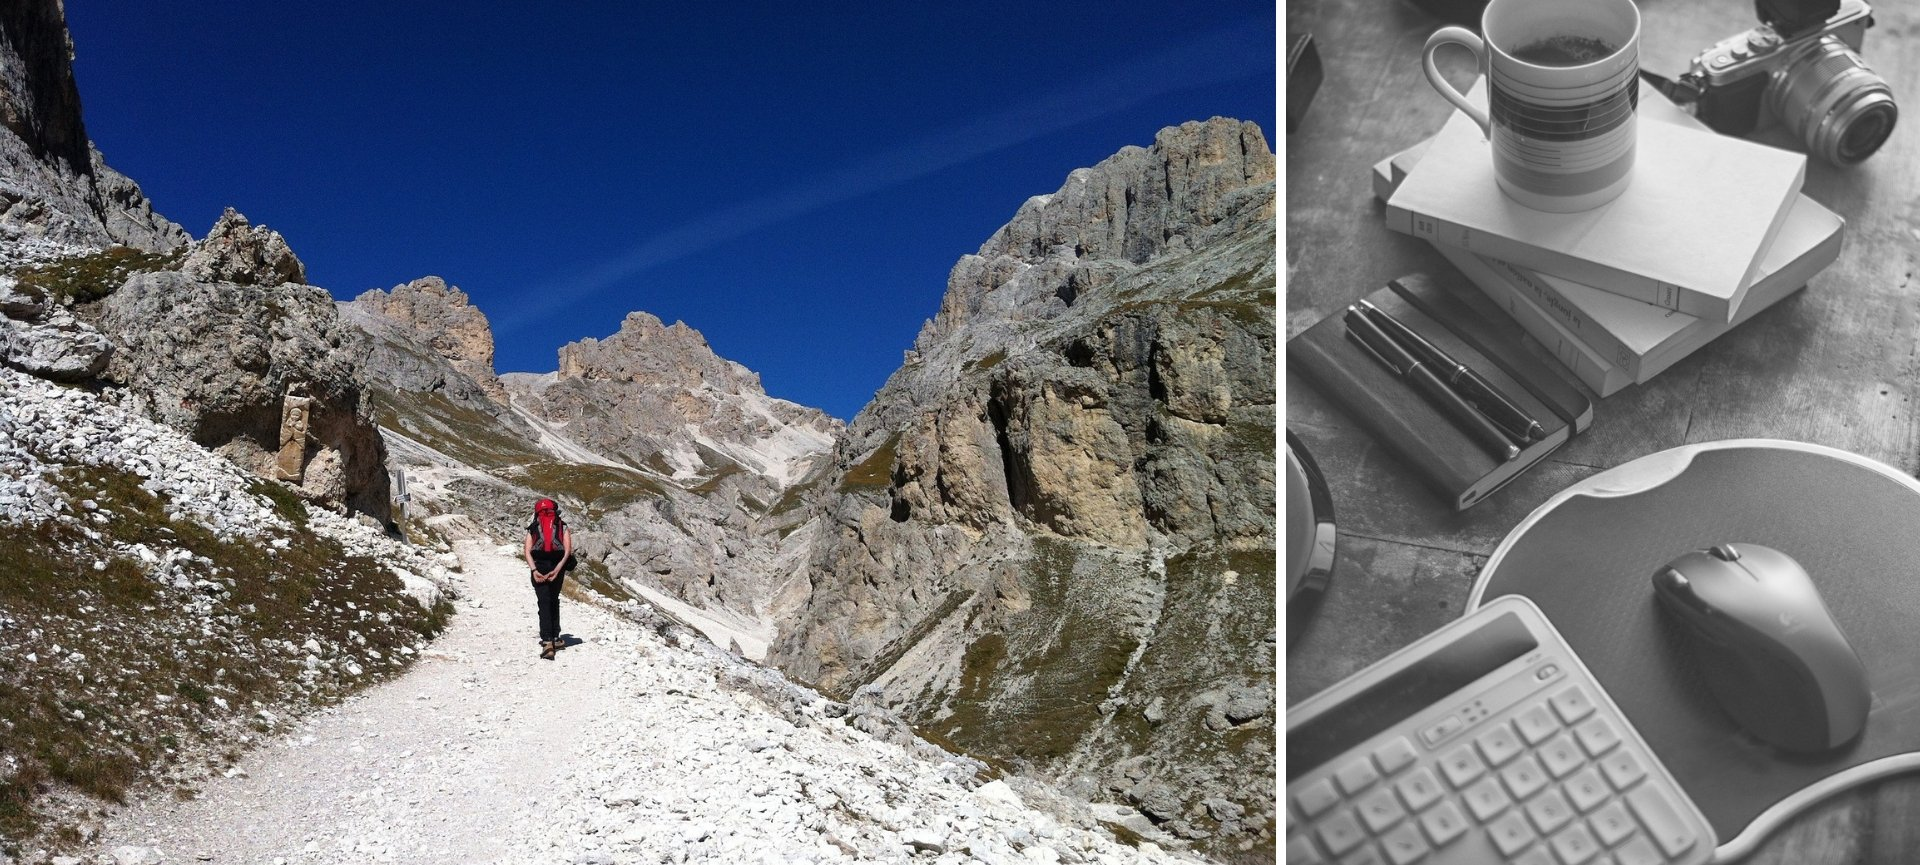 Come organizzare un'escursione in montagna